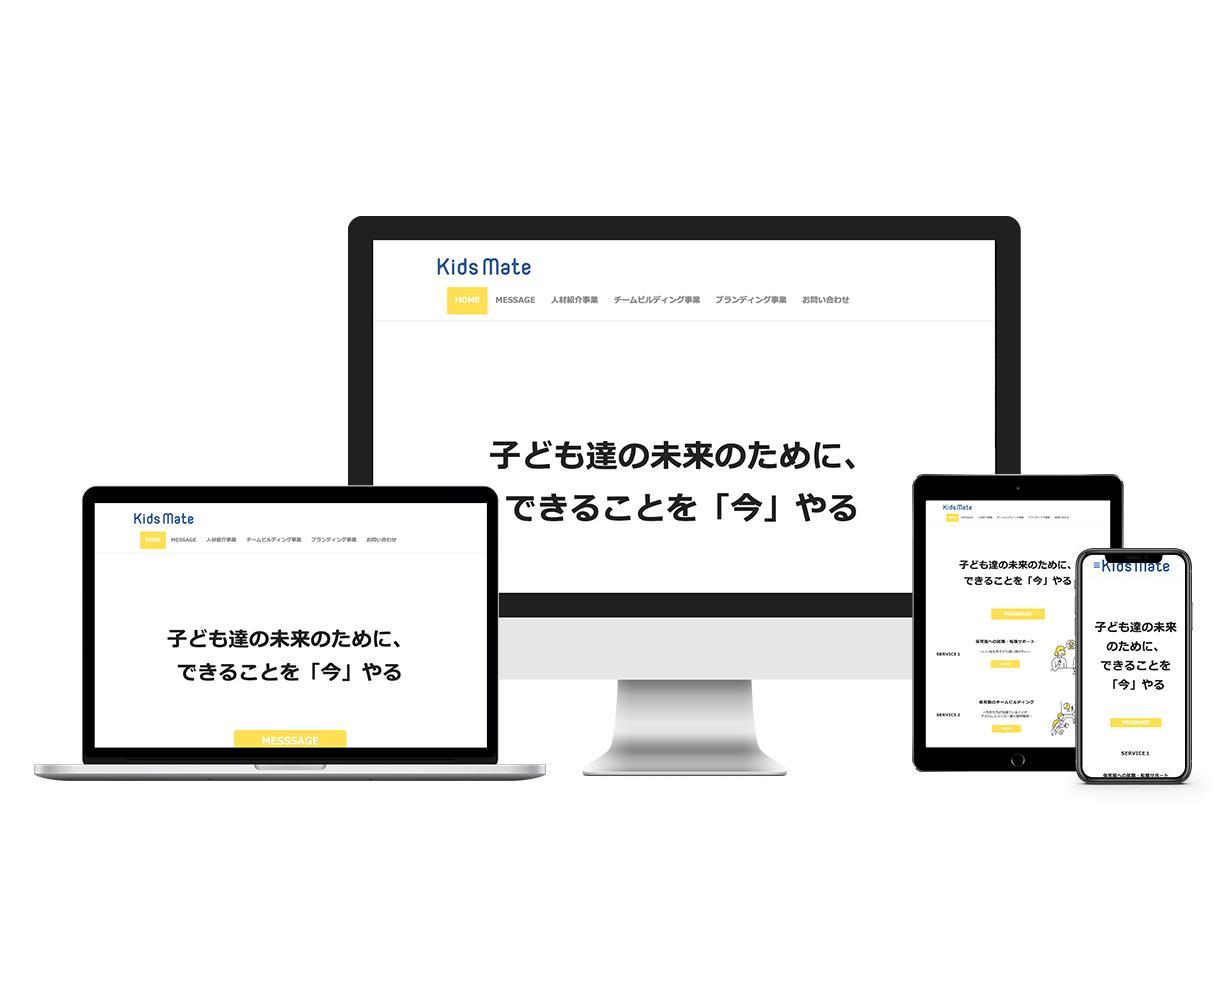 プロがWordPressでサイトを作成します SEO対策 スマホ対応 基本ページ+2ページ作成プランです。